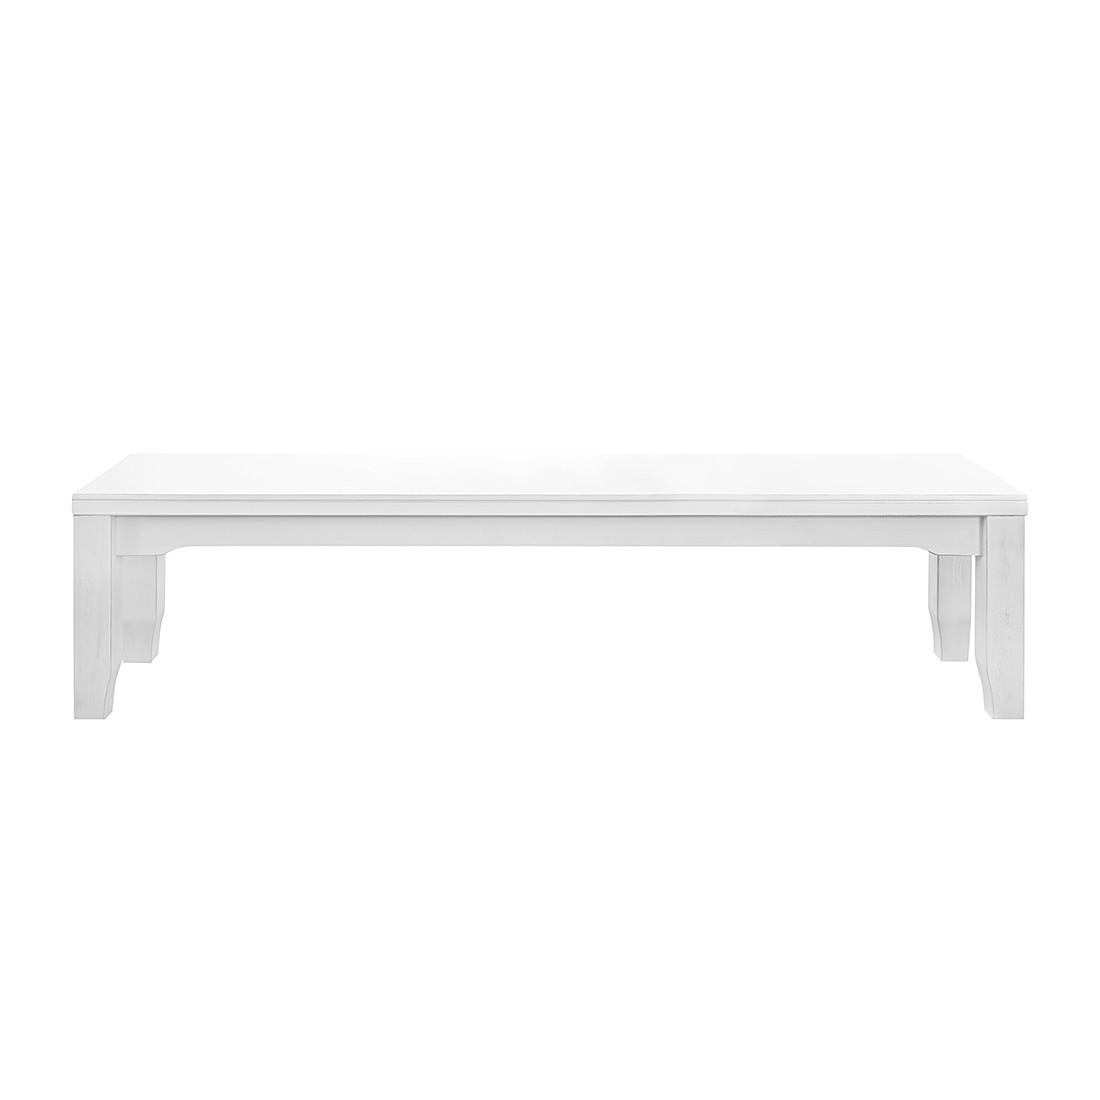 Sitzbank Bretagne – Kiefer massiv – Weiß – 160 x 44 cm, Maison Belfort bestellen